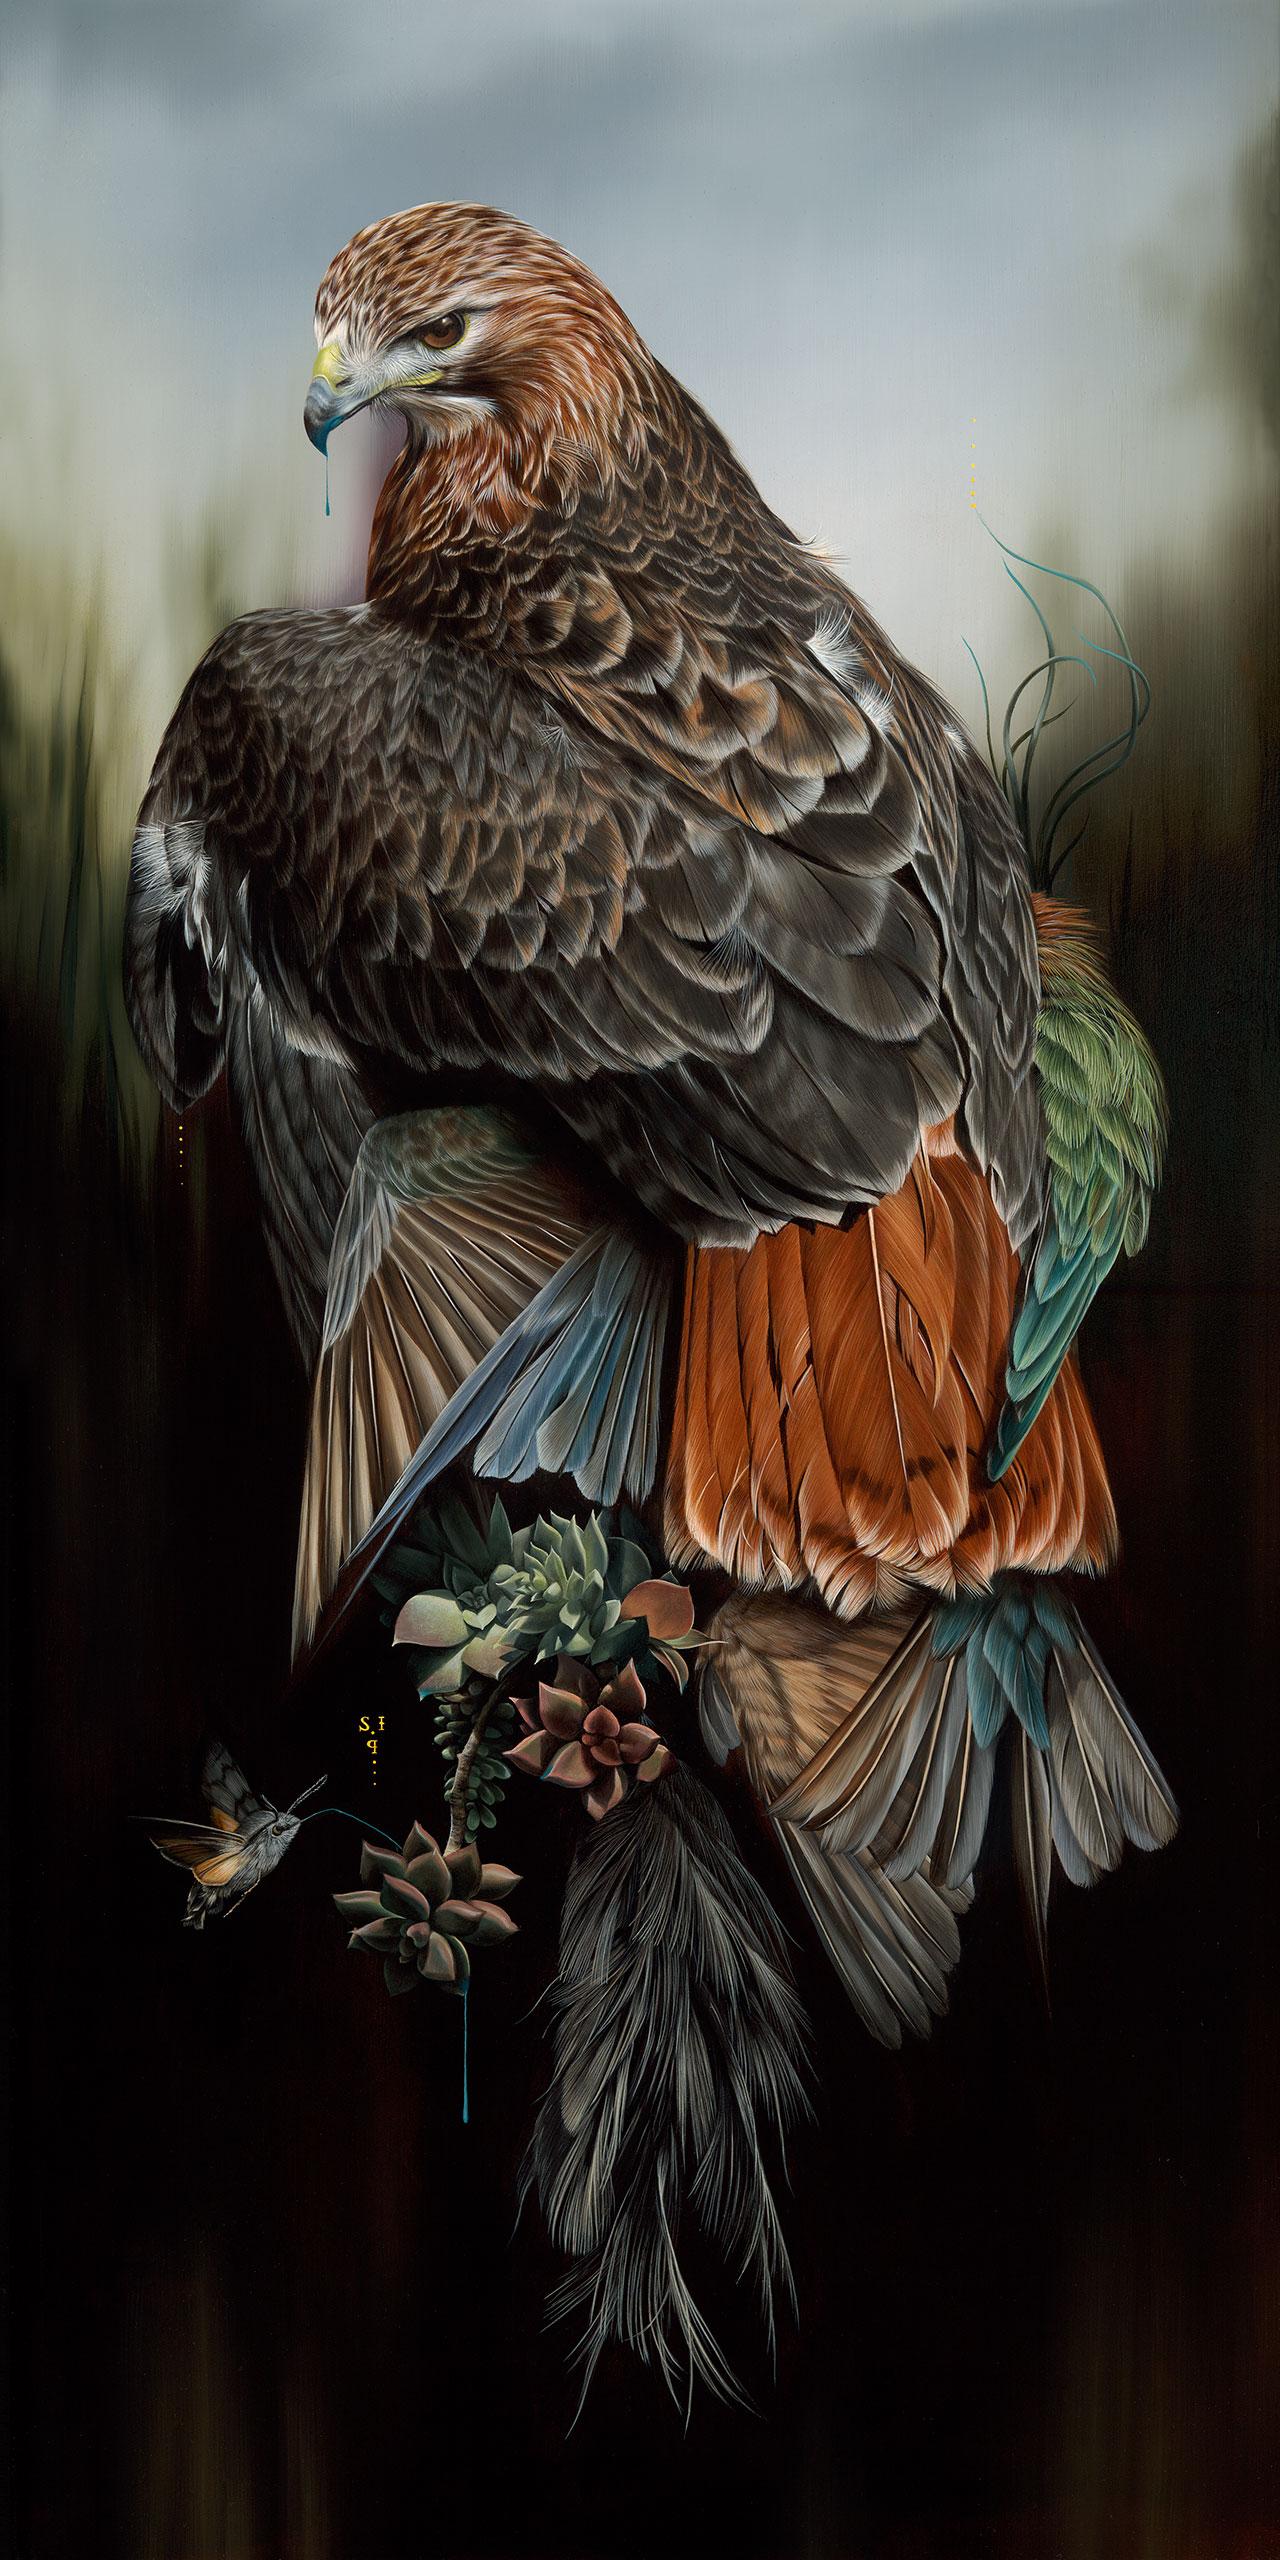 Josie Morway,Yield,oil and enamel on wood panel. ©Josie Morway.